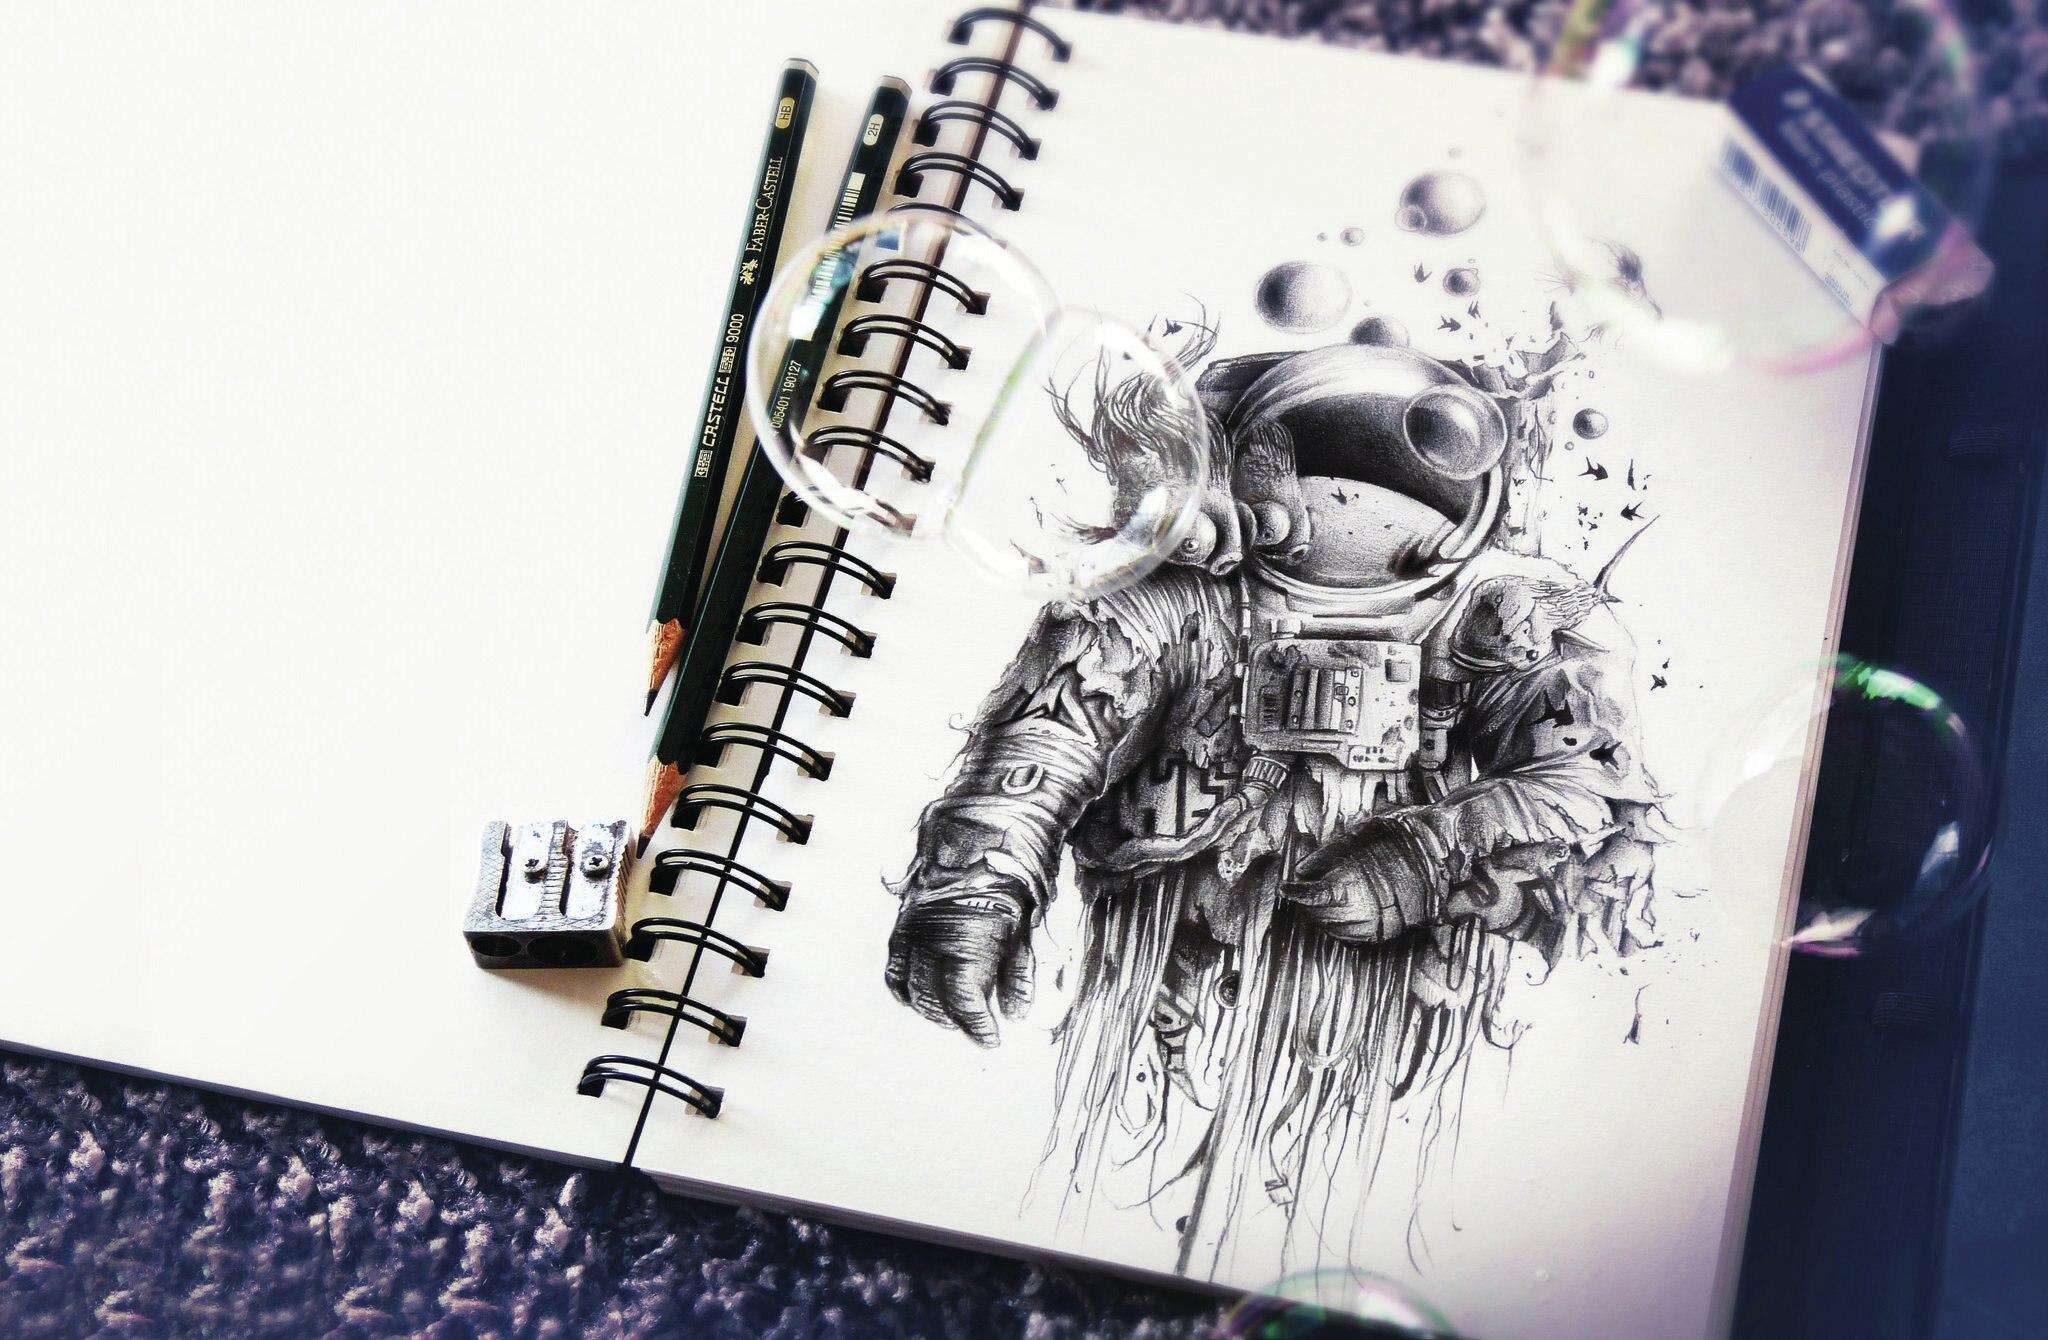 pez-featured-artist-sketch-art-041